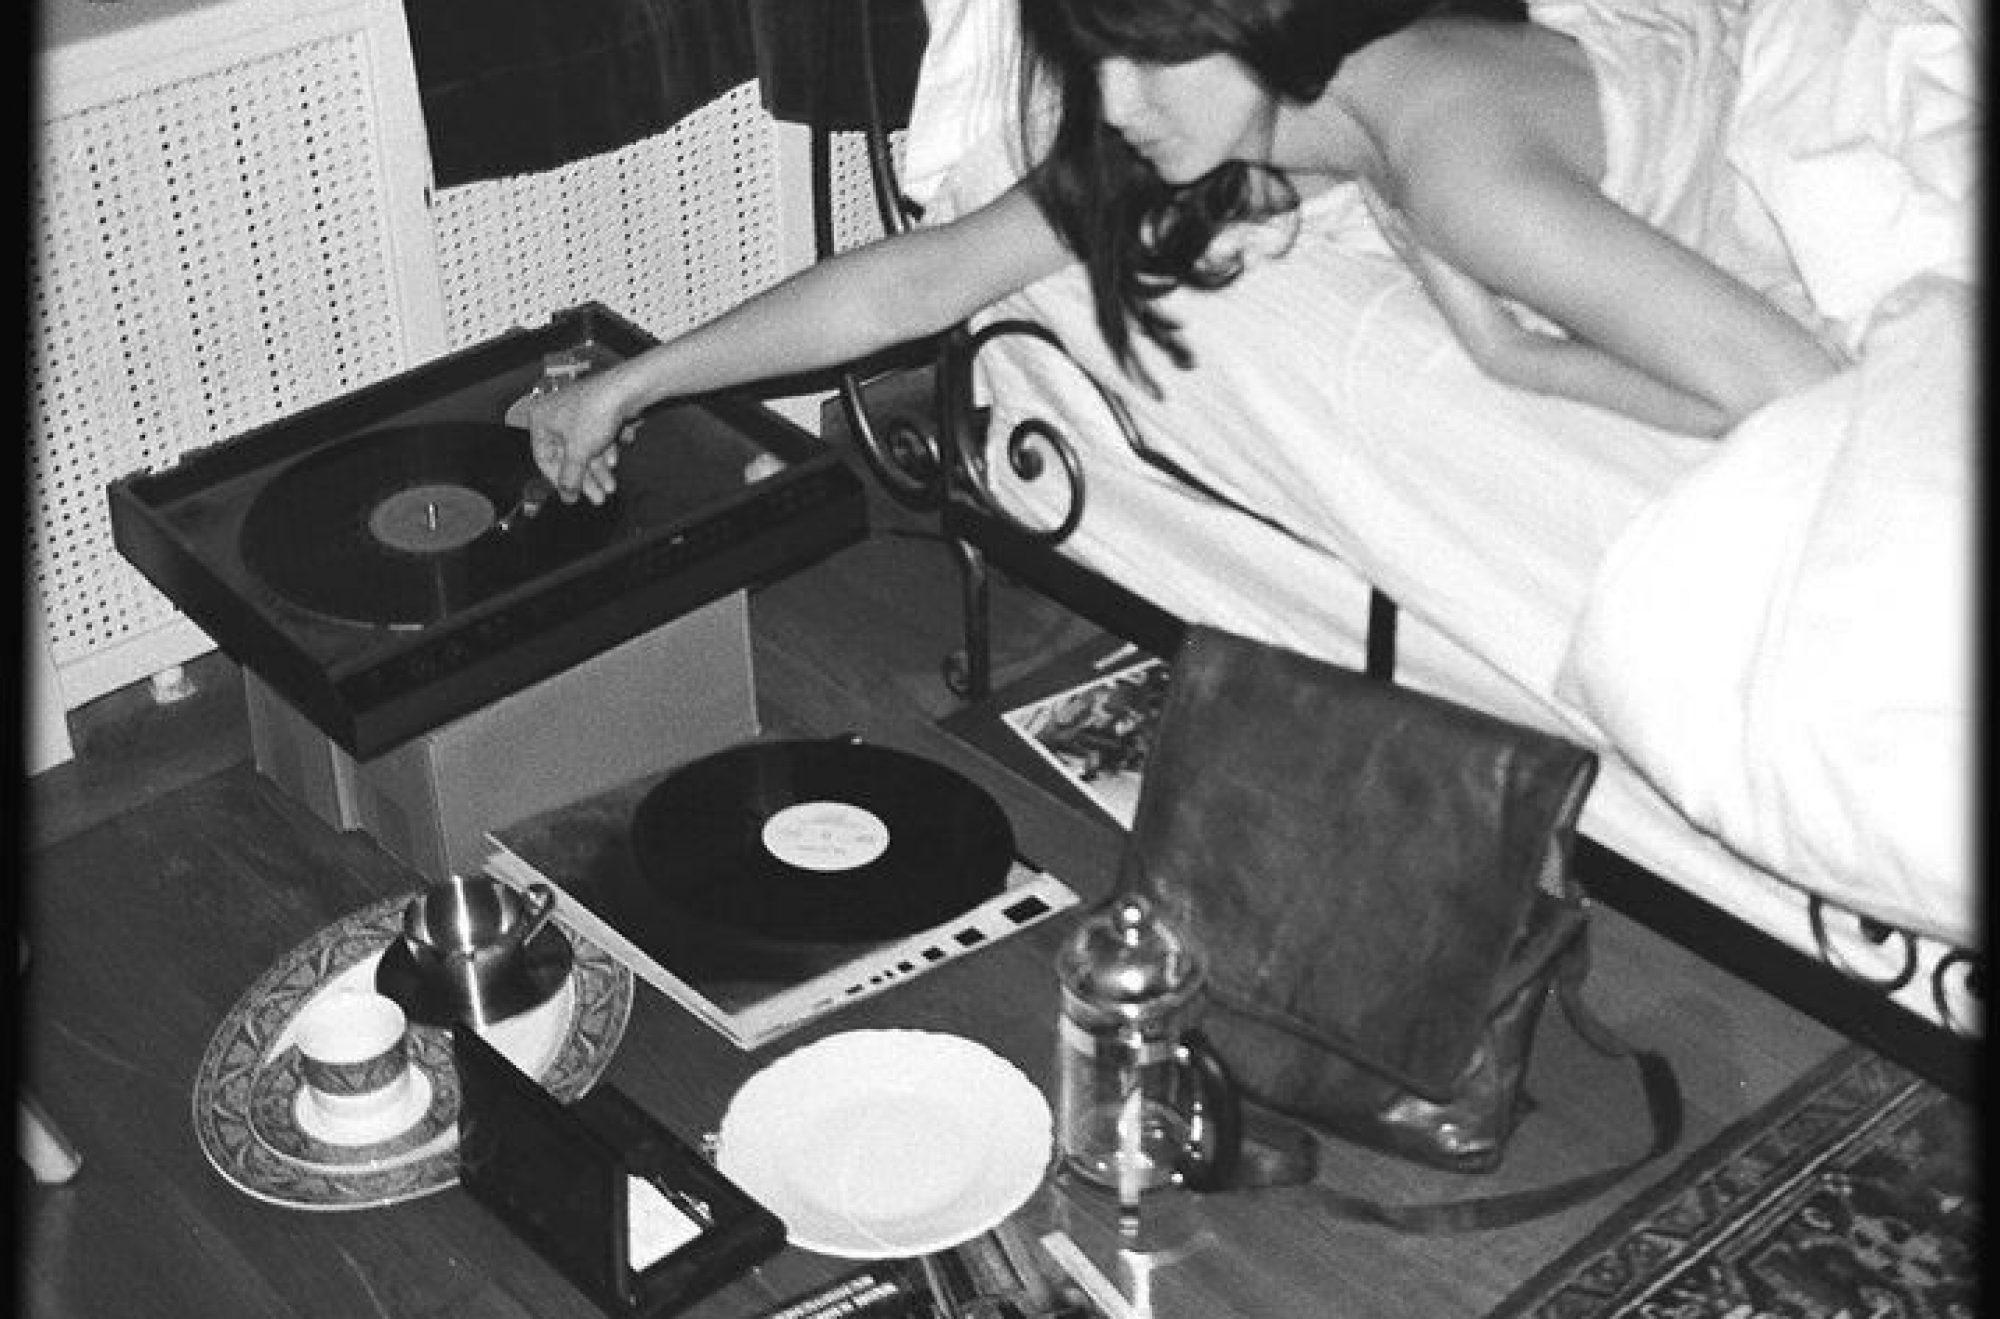 Lo Fi Books, Records & Coffee